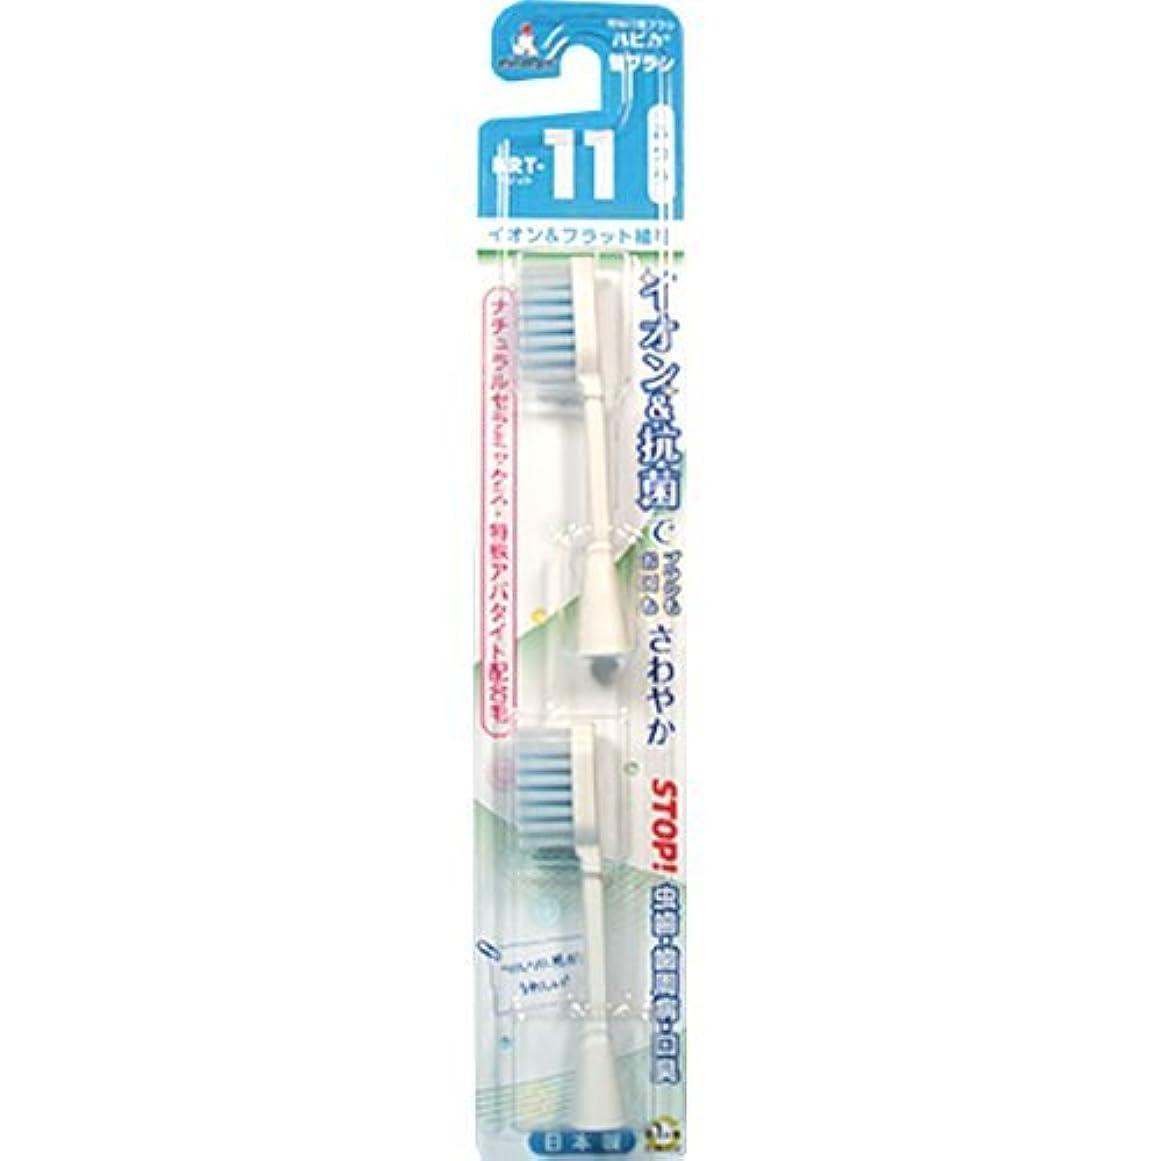 変換天才辛なミニマム 電動付歯ブラシ ハピカ 専用替ブラシ イオン+フラット植毛 毛の硬さ:ふつう BRT-11 2個入